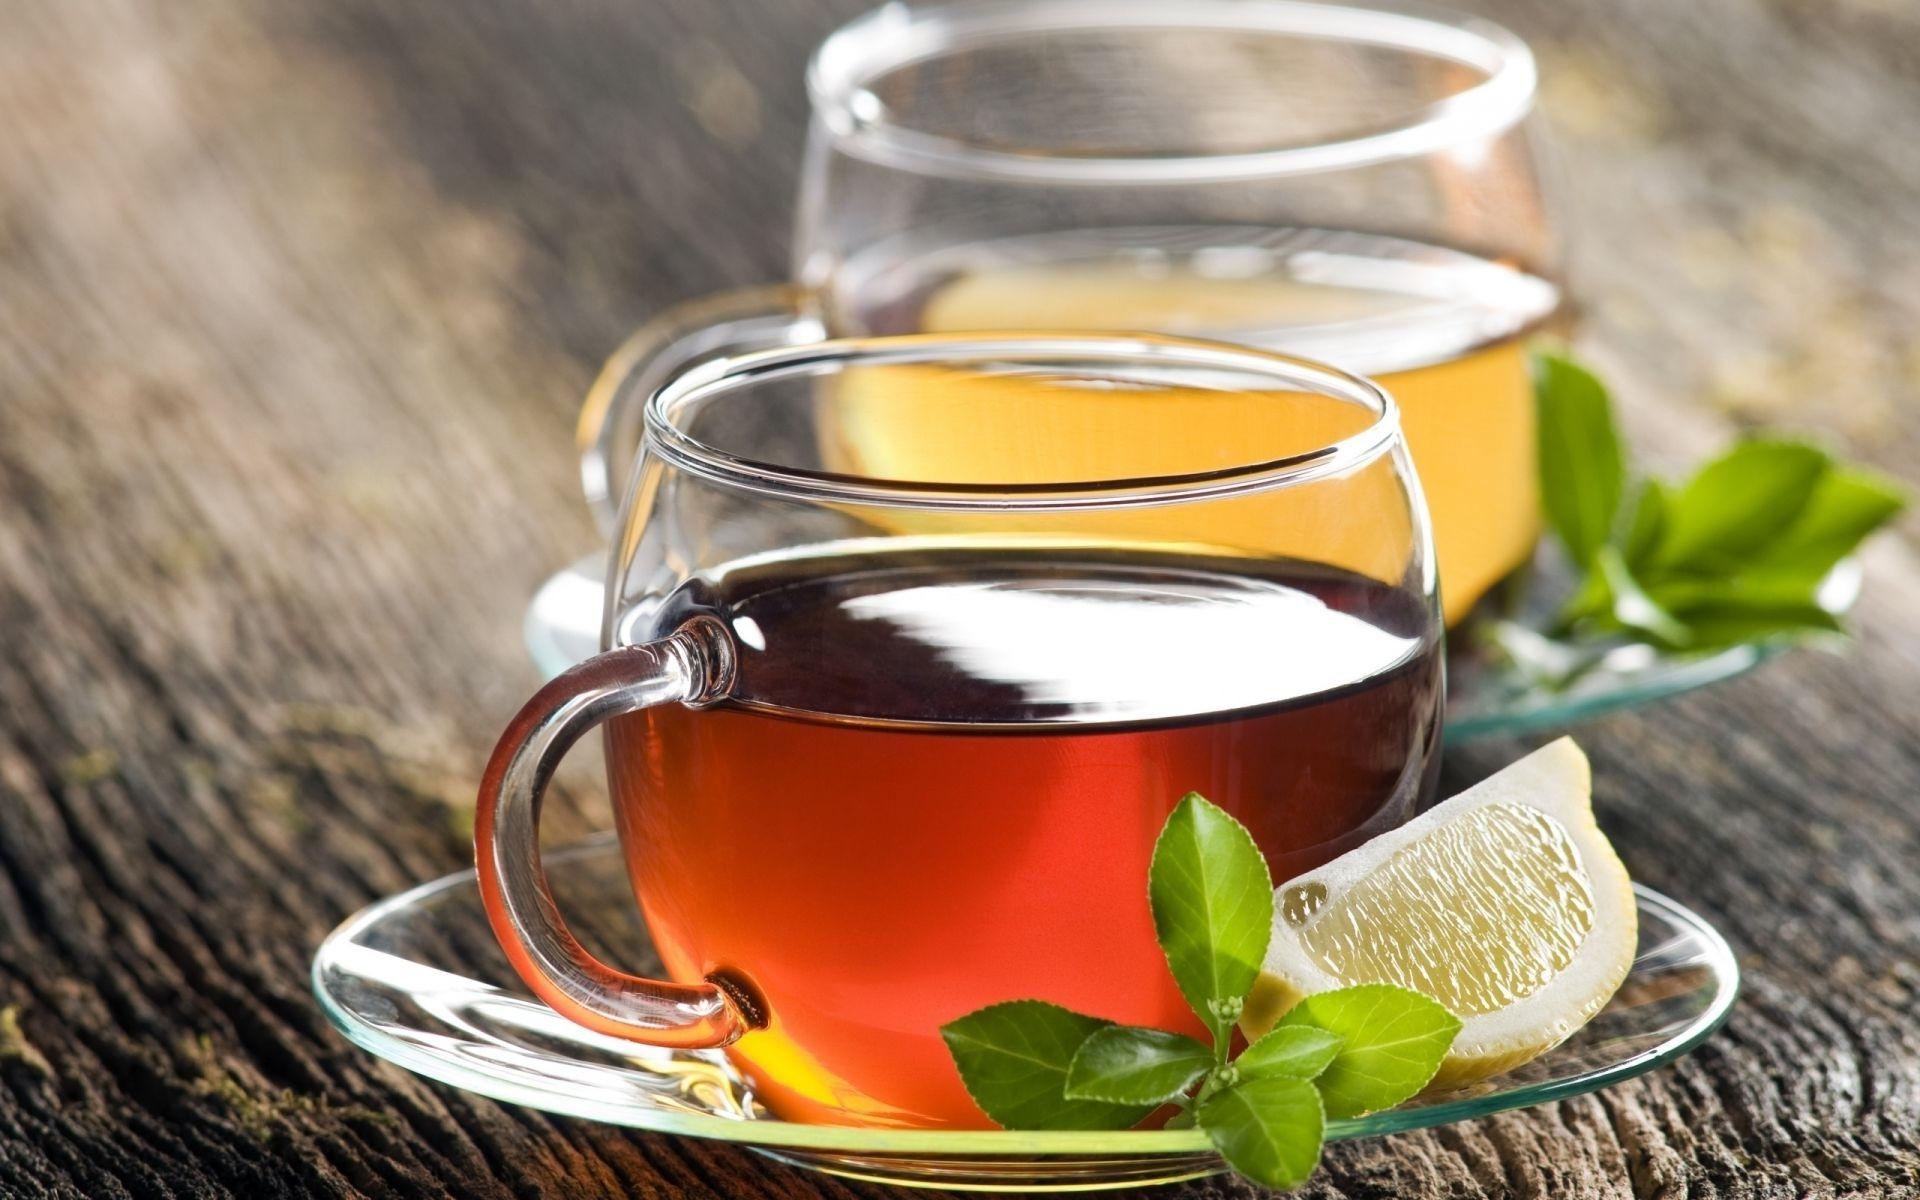 Травяной чай  коллекция пользователя Kievskij в Яндекс